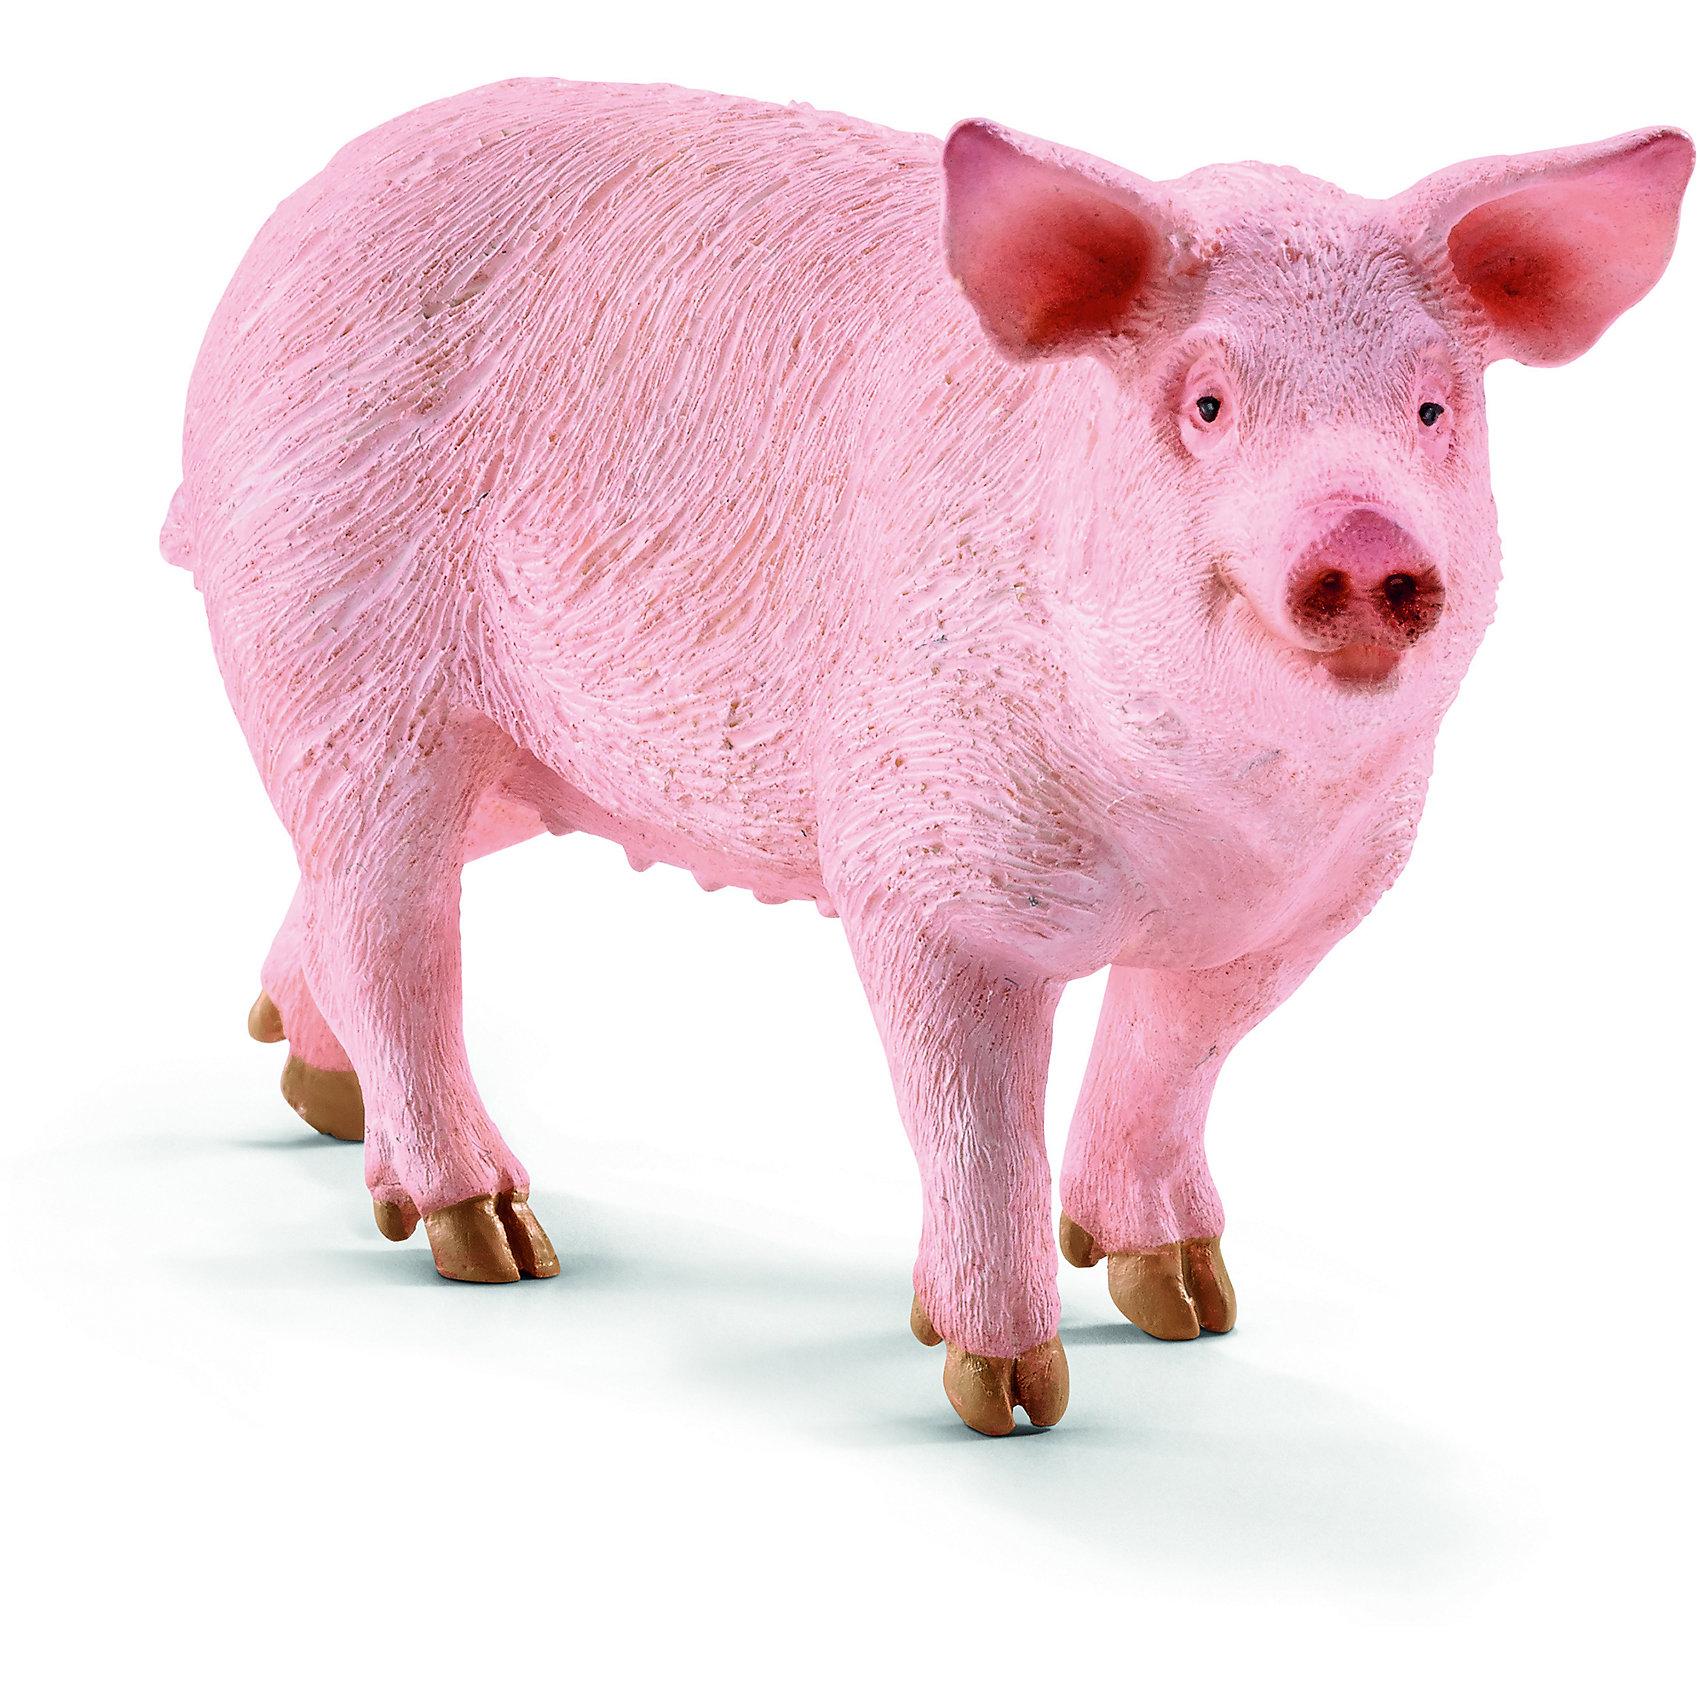 Свинья, SchleichСвинья, Schleich (Шляйх) – это высококачественная коллекционная и игровая фигурка.<br>Фигурка Свиньи прекрасно разнообразит игру вашего ребенка и станет отличным пополнением коллекции его фигурок животных. Свиньи являются одним из важнейших сельскохозяйственных животных. Бытует ошибочное мнение, что свиньи имеют пристрастие к валянию в грязи просто из любви к ней; на самом деле свиньи, таким образом, избавляются от кожных паразитов: высыхая, грязь отпадает вместе с паразитами. Кроме того, валяние в грязи служит им для охлаждения организма в жаркую погоду. Свиньи, являются очень умными животными и легко поддаются дрессировки. <br><br>Прекрасно выполненные фигурки Schleich (Шляйх) являются максимально точной копией настоящих животных и отличаются высочайшим качеством игрушек ручной работы. Каждая фигурка разработана с учетом исследований в области педагогики и производится как настоящее произведение для маленьких детских ручек. Все фигурки Schleich (Шляйх) сделаны из гипоаллергенных высокотехнологичных материалов, раскрашены вручную и не вызывают аллергии у ребенка.<br><br>Дополнительная информация:<br><br>- Размер фигурки: 5,7 x 1,5 x 3,2 см.<br>- Материал: высококачественный каучуковый пластик<br><br>Фигурку Свиньи, Schleich (Шляйх) можно купить в нашем интернет-магазине.<br><br>Ширина мм: 96<br>Глубина мм: 58<br>Высота мм: 30<br>Вес г: 59<br>Возраст от месяцев: 36<br>Возраст до месяцев: 96<br>Пол: Унисекс<br>Возраст: Детский<br>SKU: 3902507